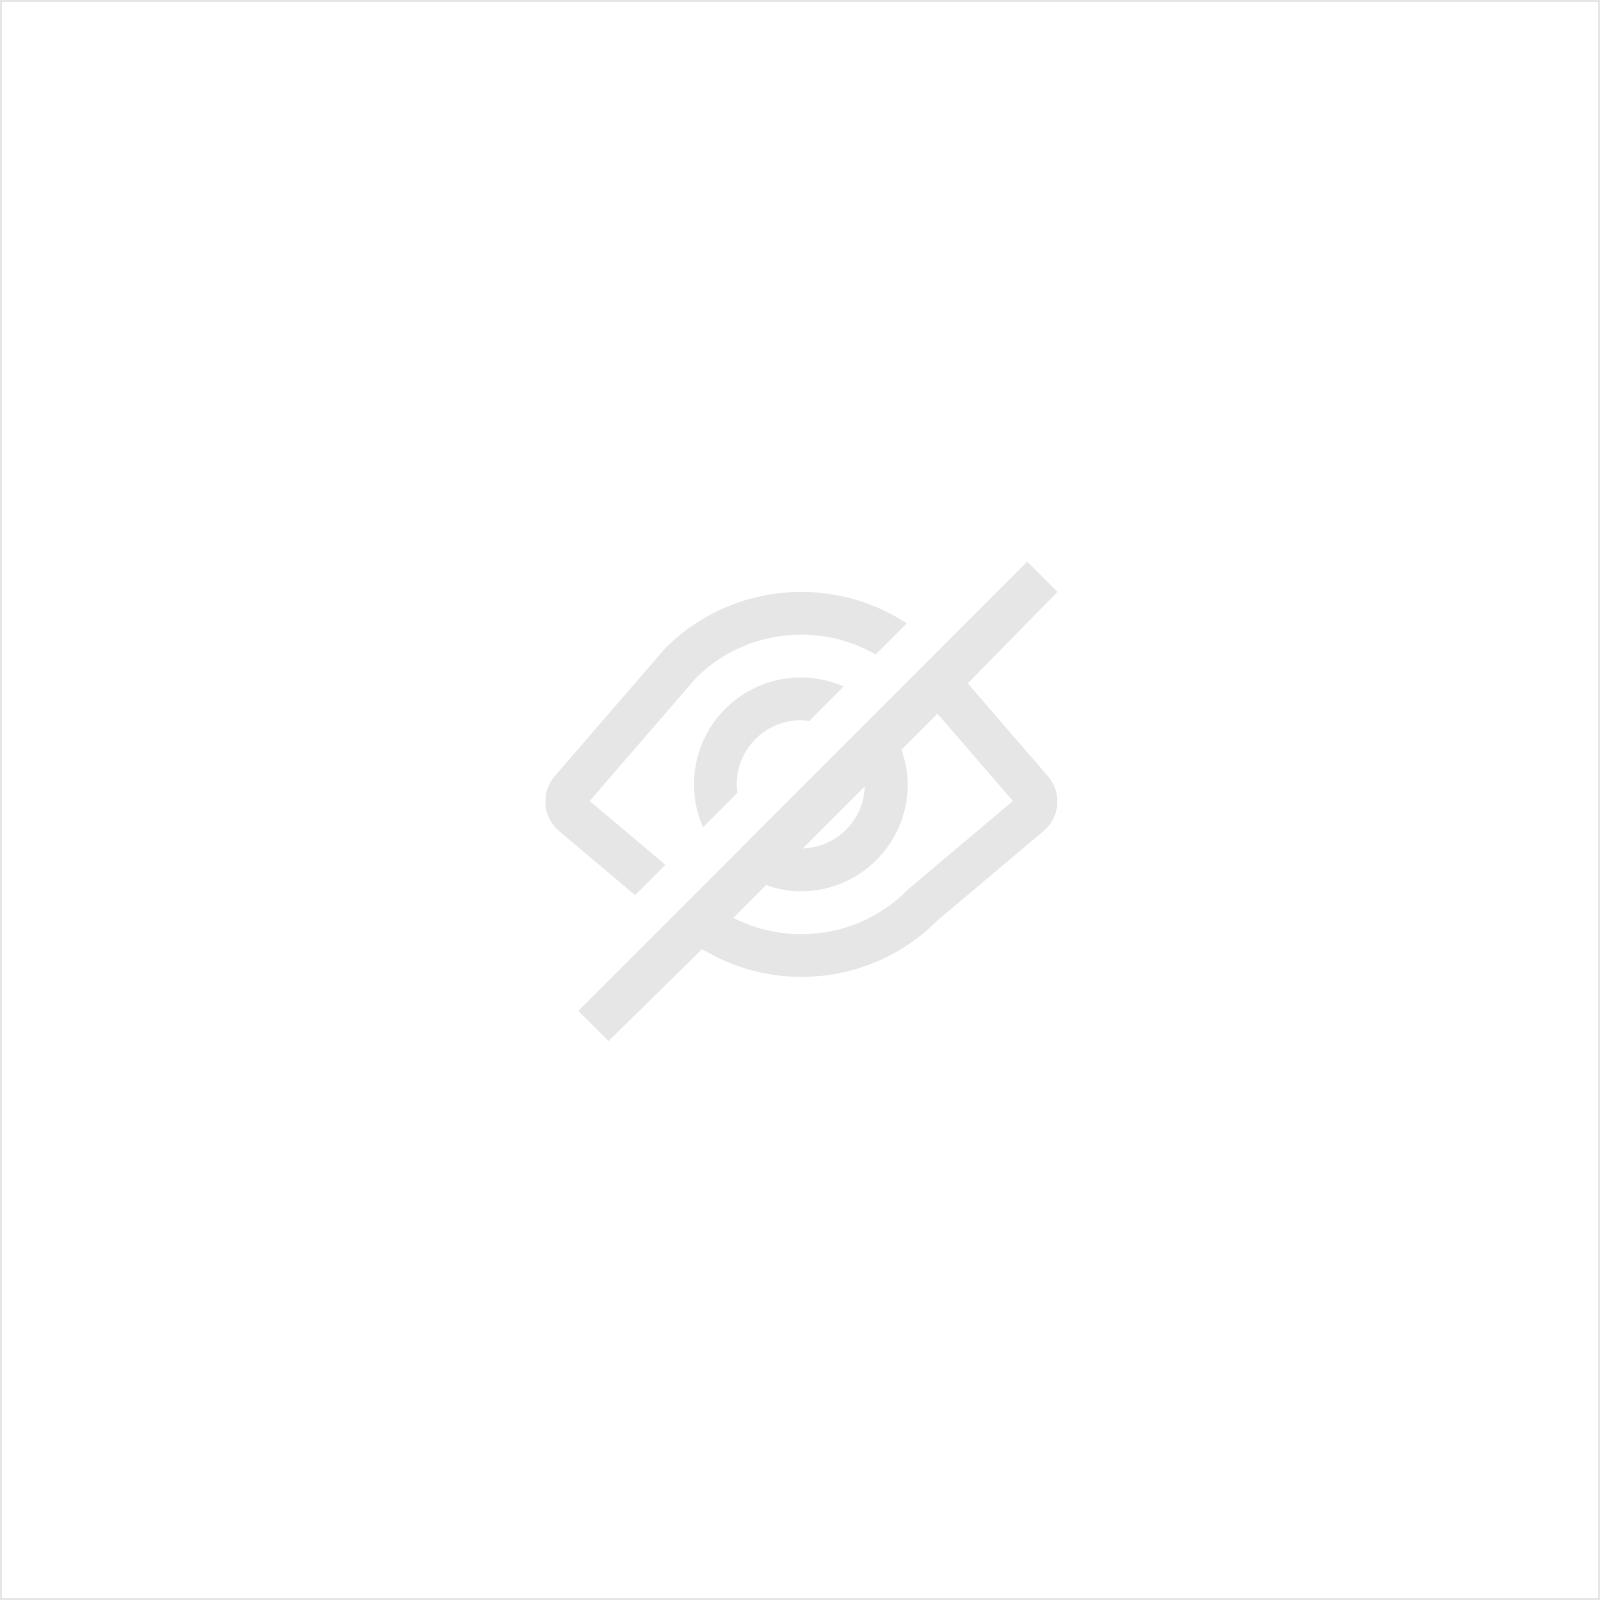 JEU DE MOLETTES OPTIONNELLES - FLAT BEAD ROLL 1/8 - POUR BORDEUSE MOULUREUSE